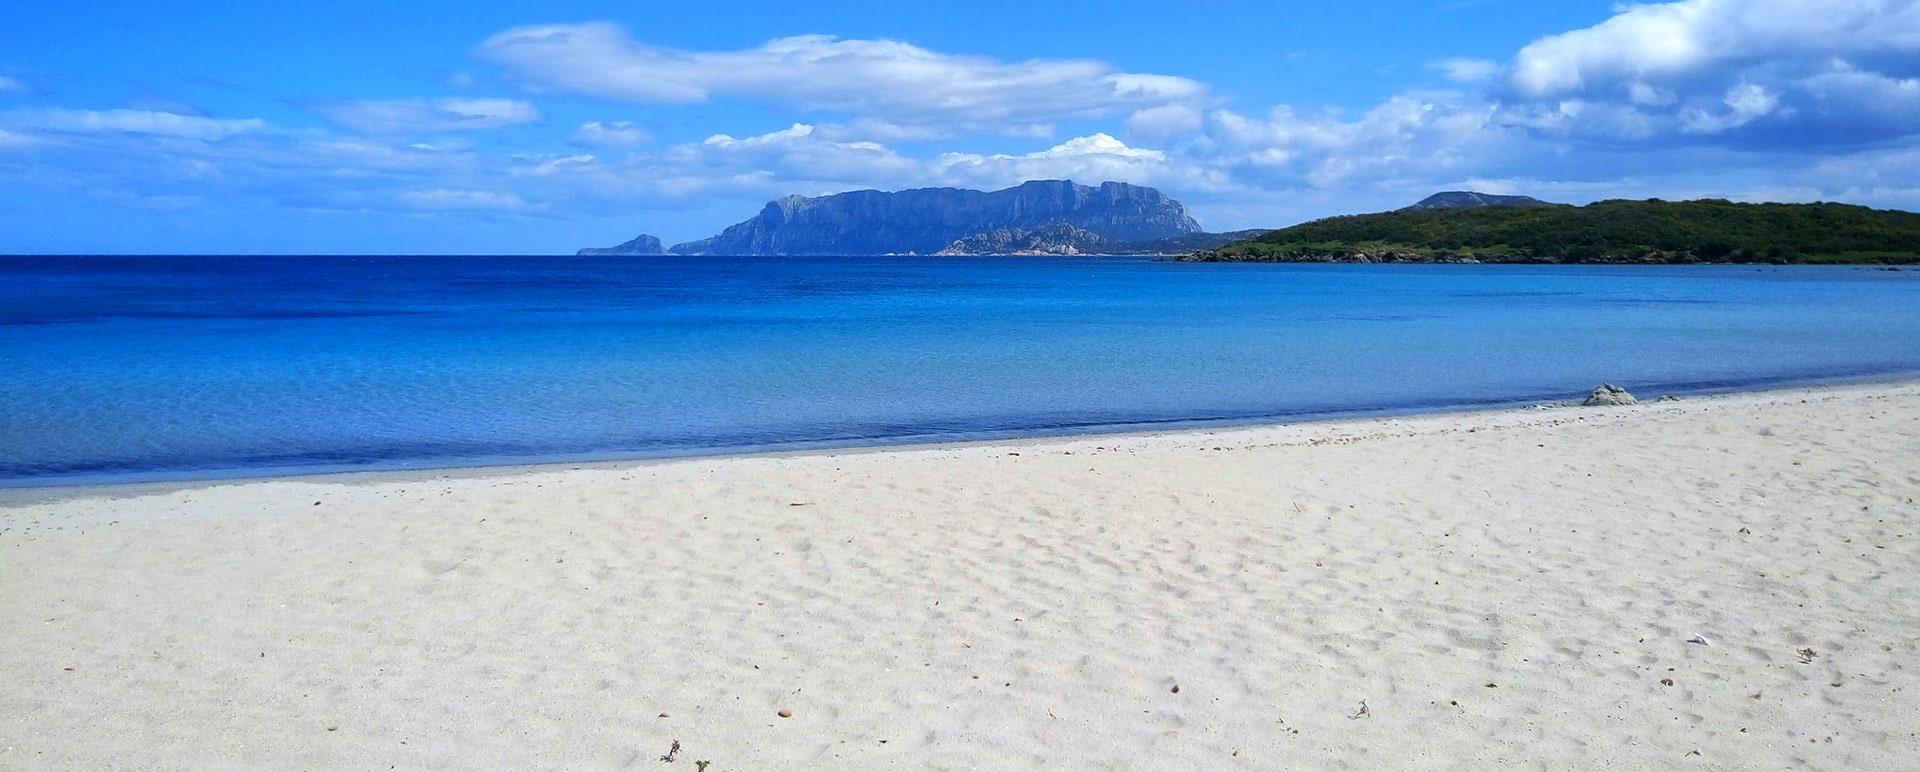 spiagge Capo Coda Cavallo - Sardegna Olbia